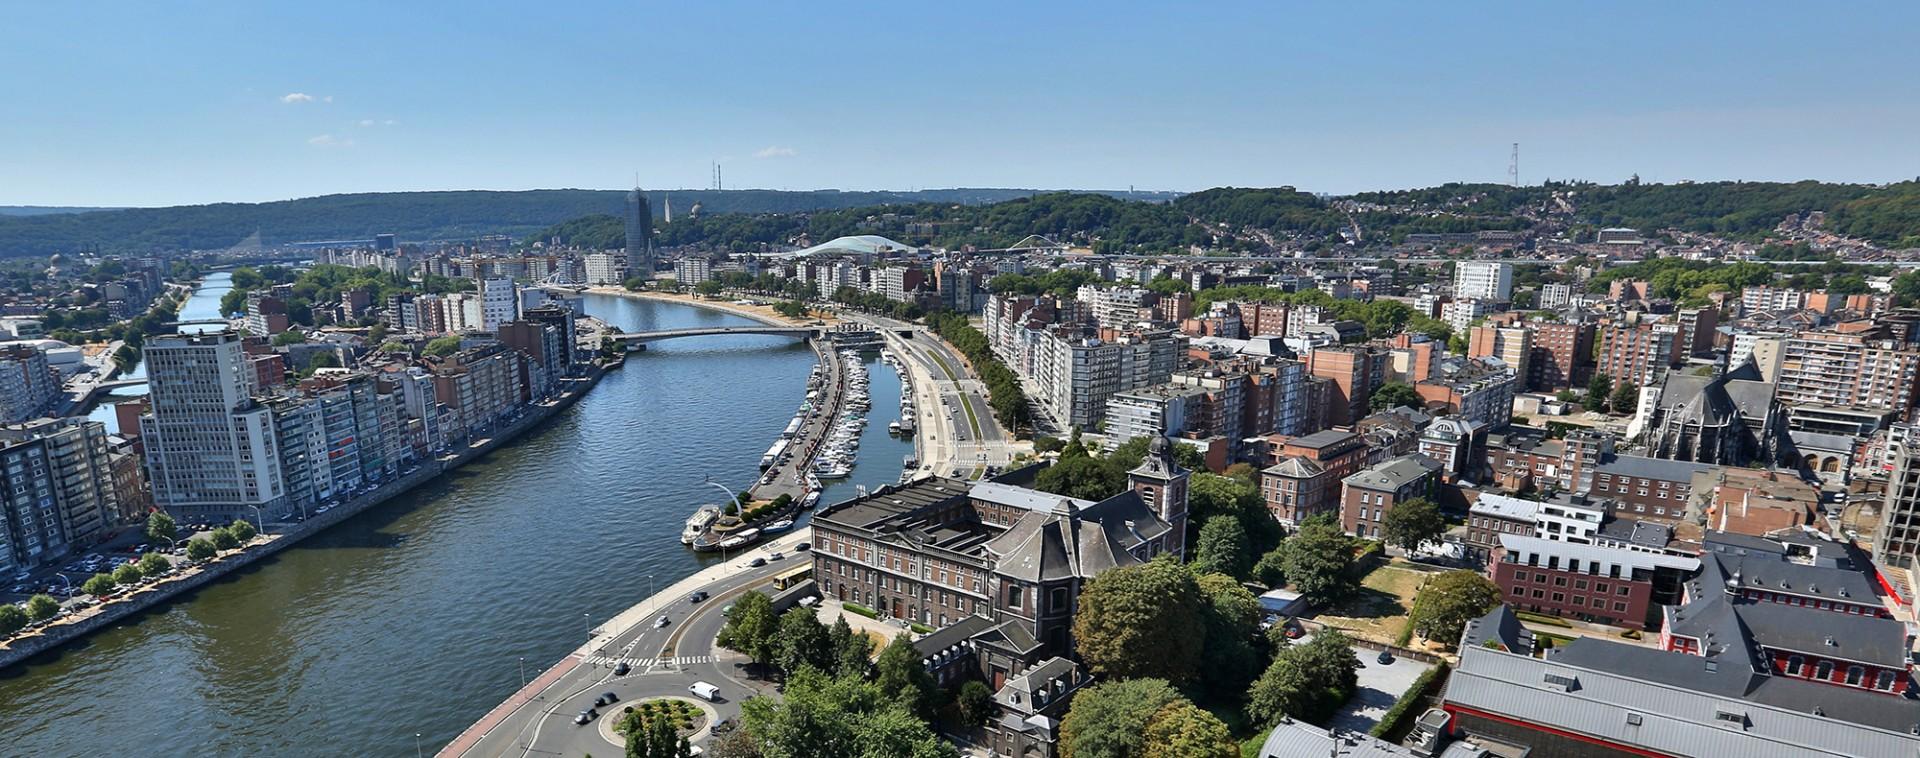 Destination Province de Liège | © FTPL-Patrice Fagnoul